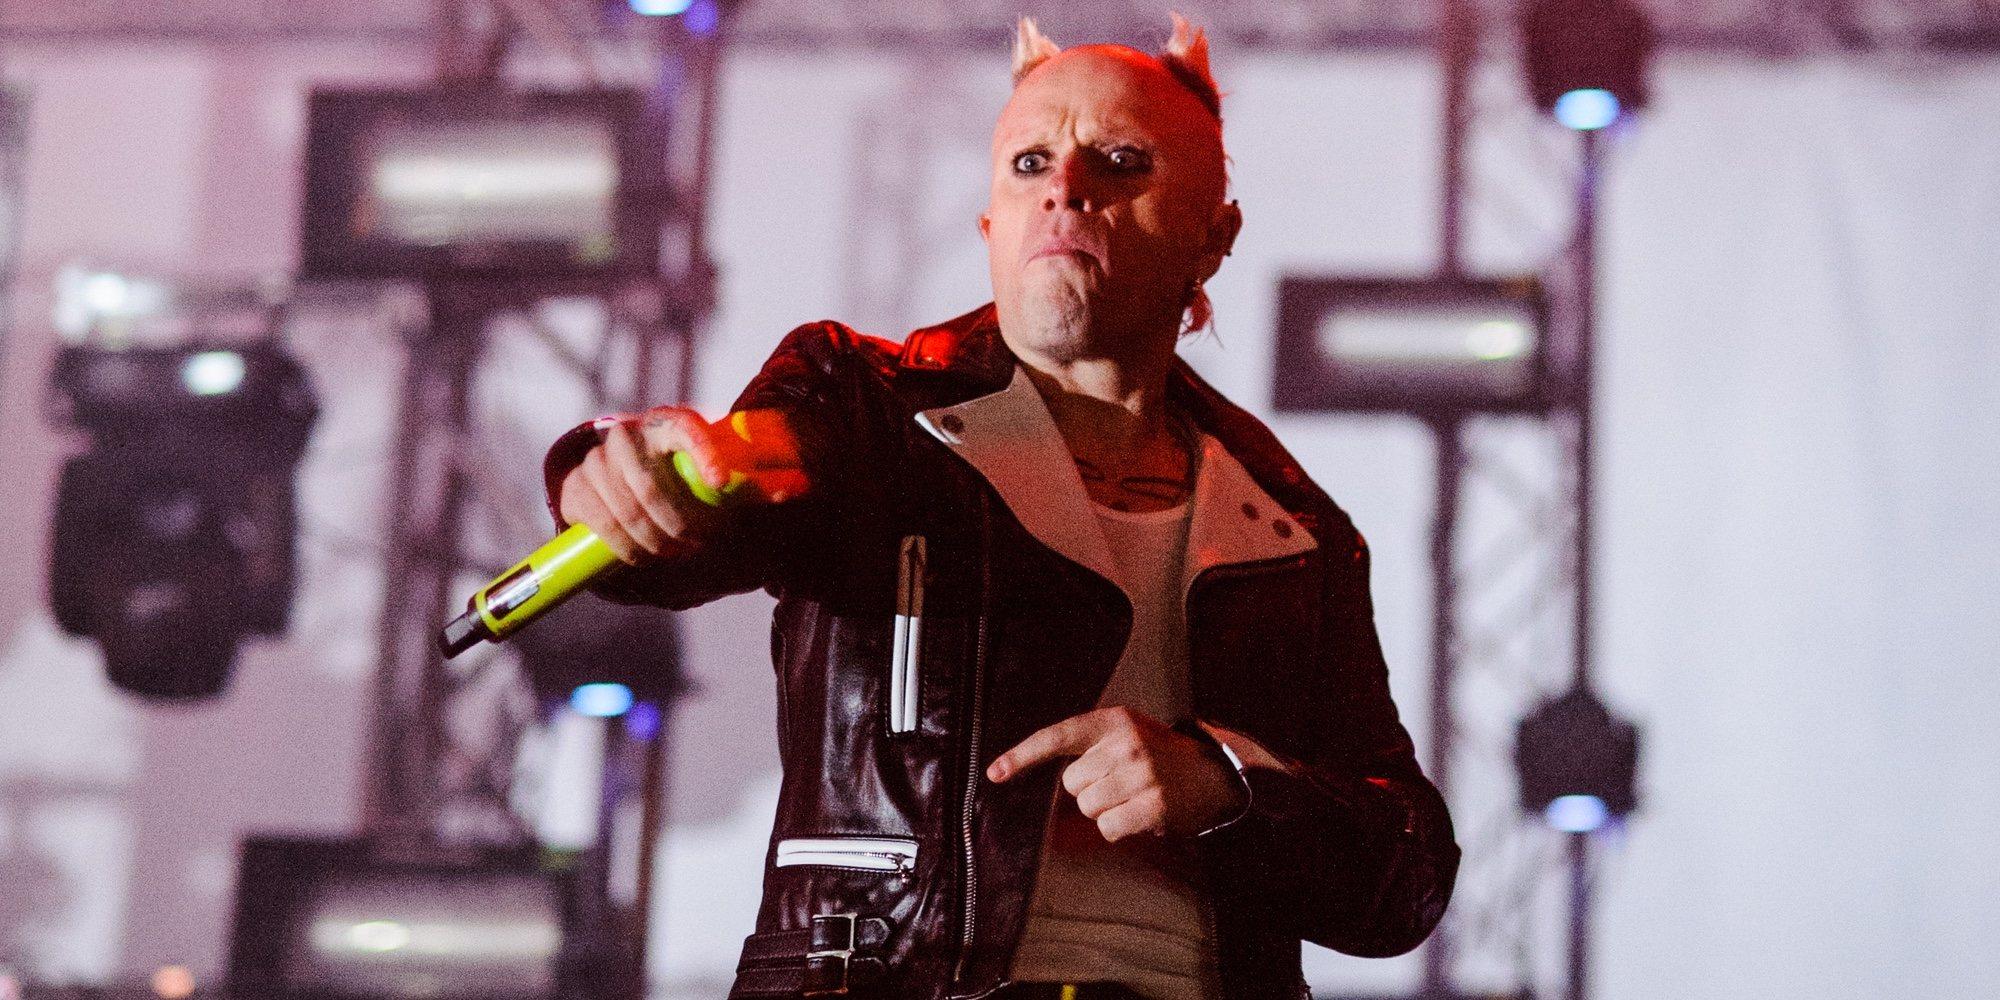 La industria musical se despide de Keith Flint, el vocalista de The Prodigy